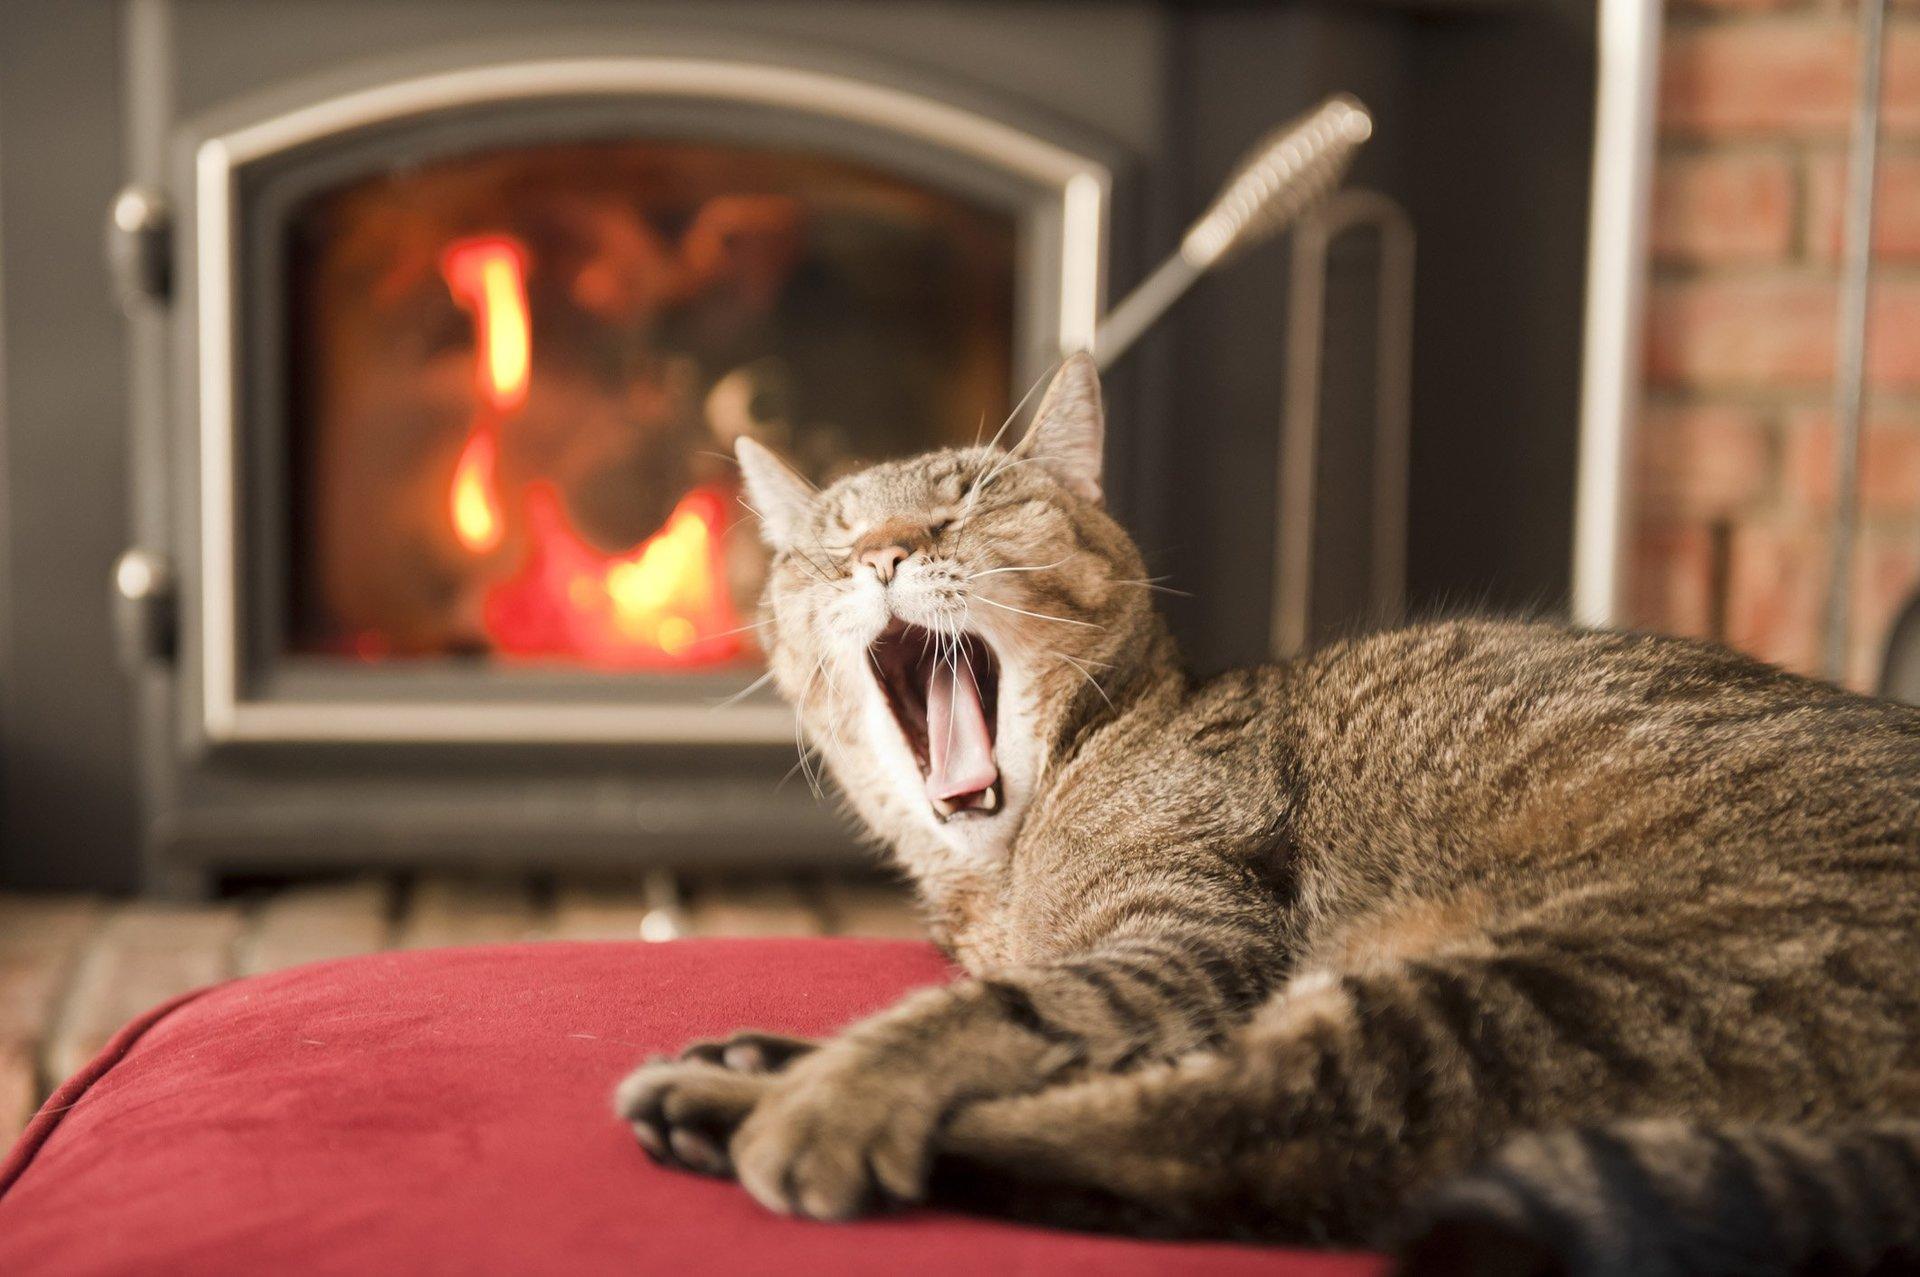 Alla luce e al calore del fuoco...